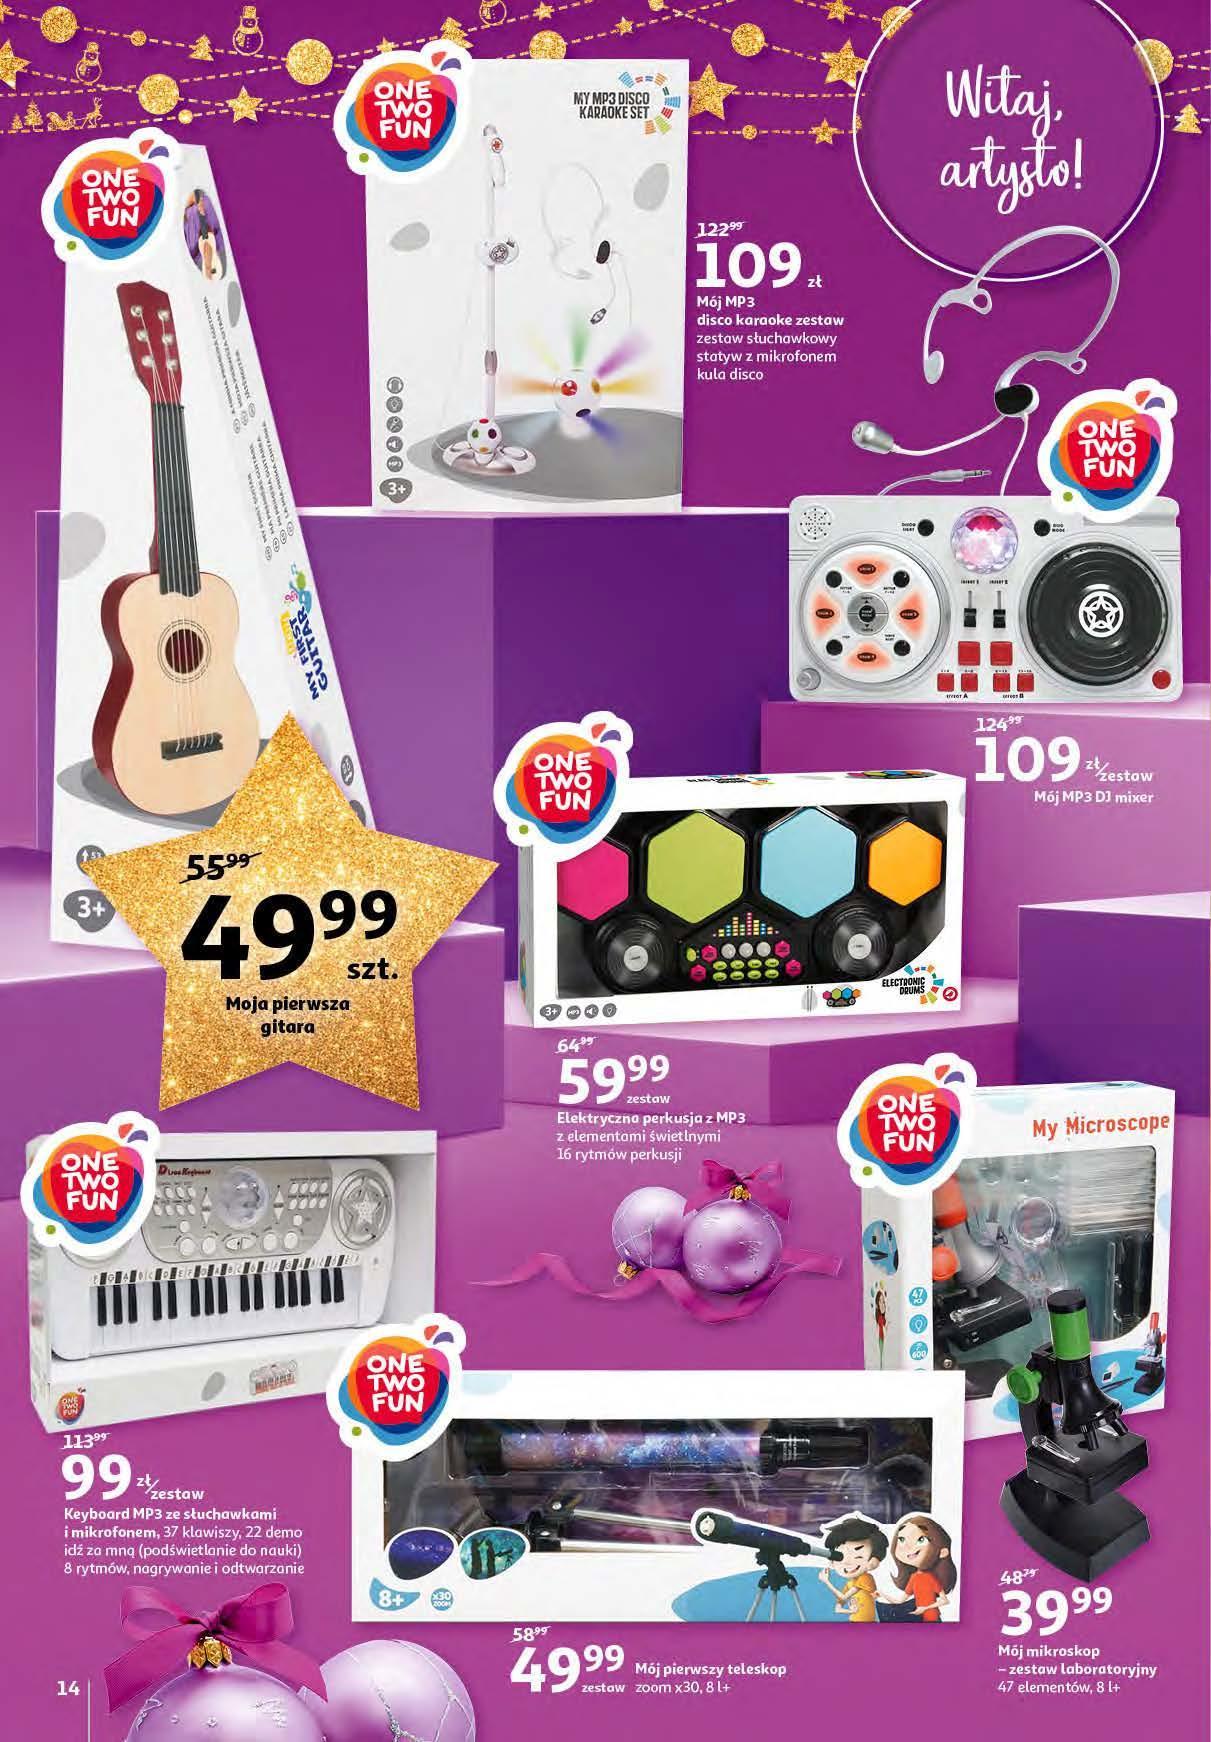 Gazetka promocyjna Auchan do 25/11/2020 str.14